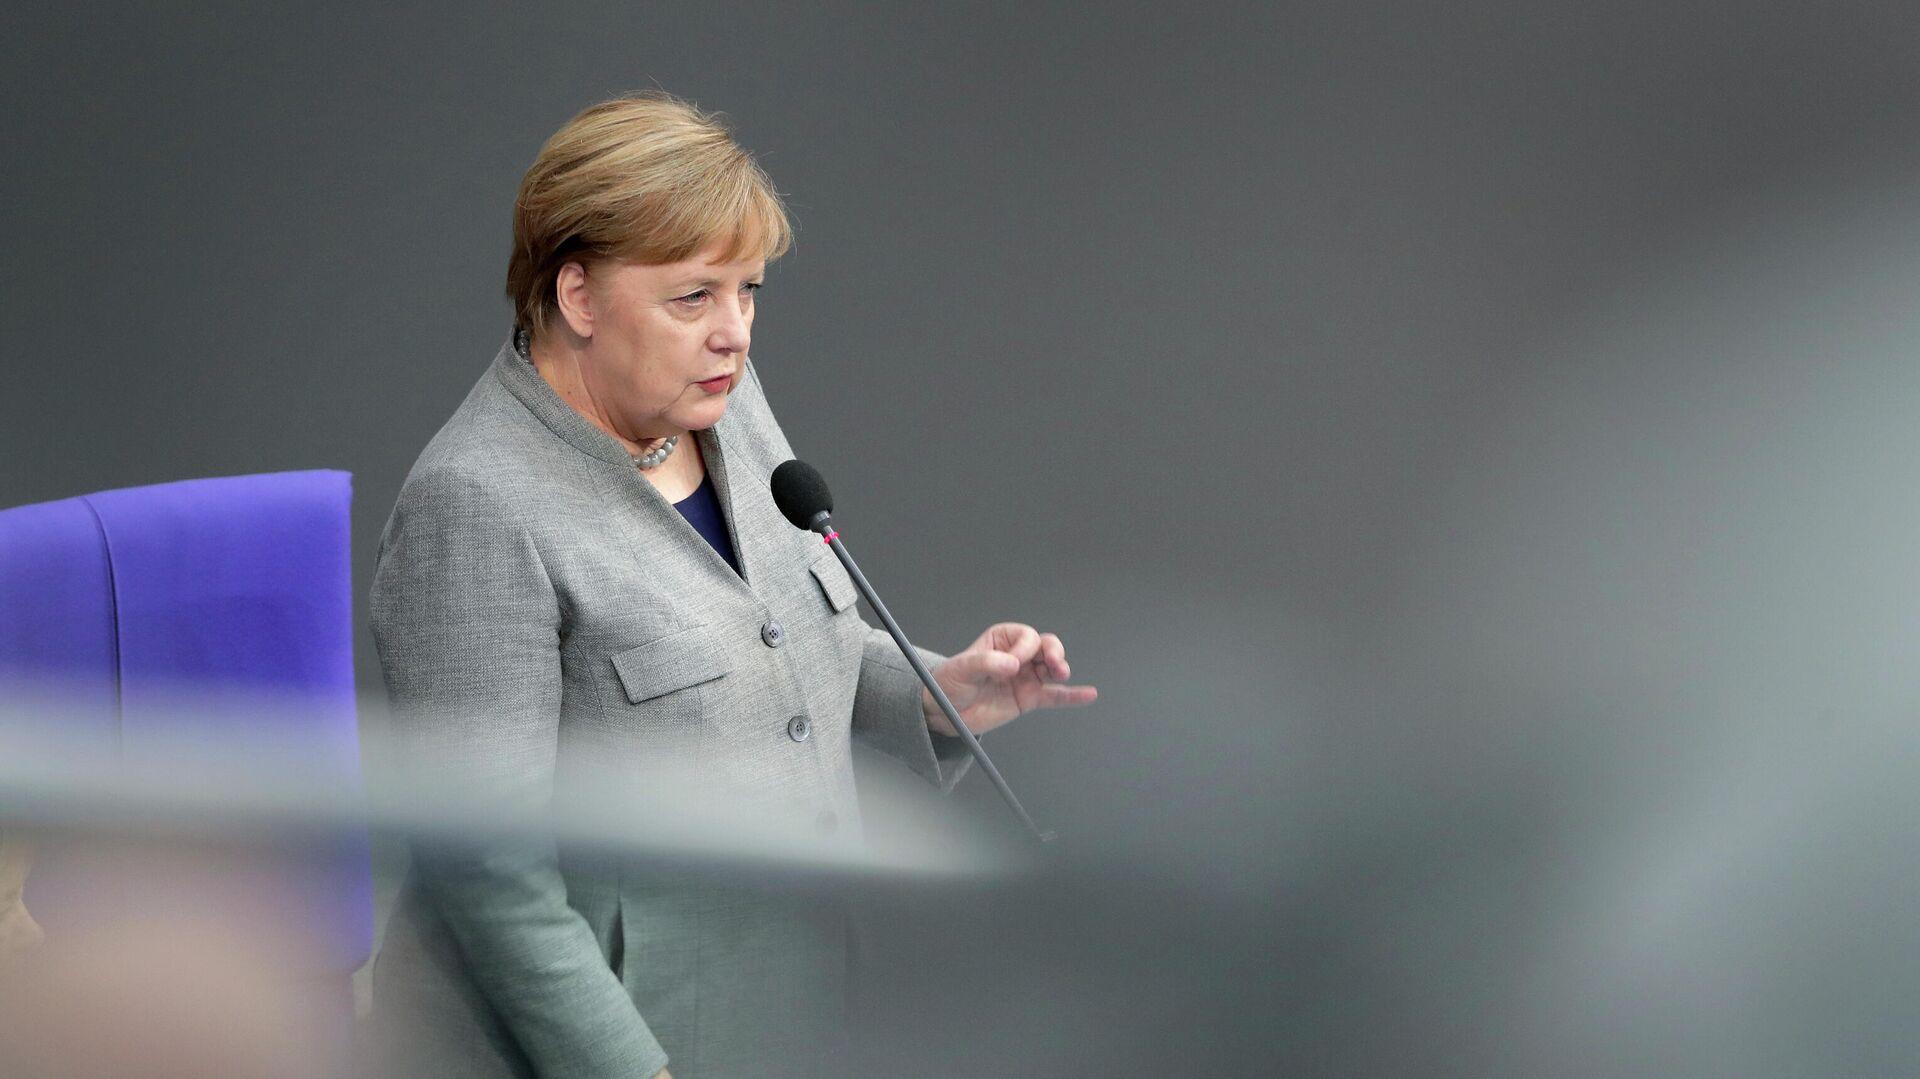 Канцлер ФРГ Ангела Меркель во время выступления в бундестаге - РИА Новости, 1920, 29.02.2020